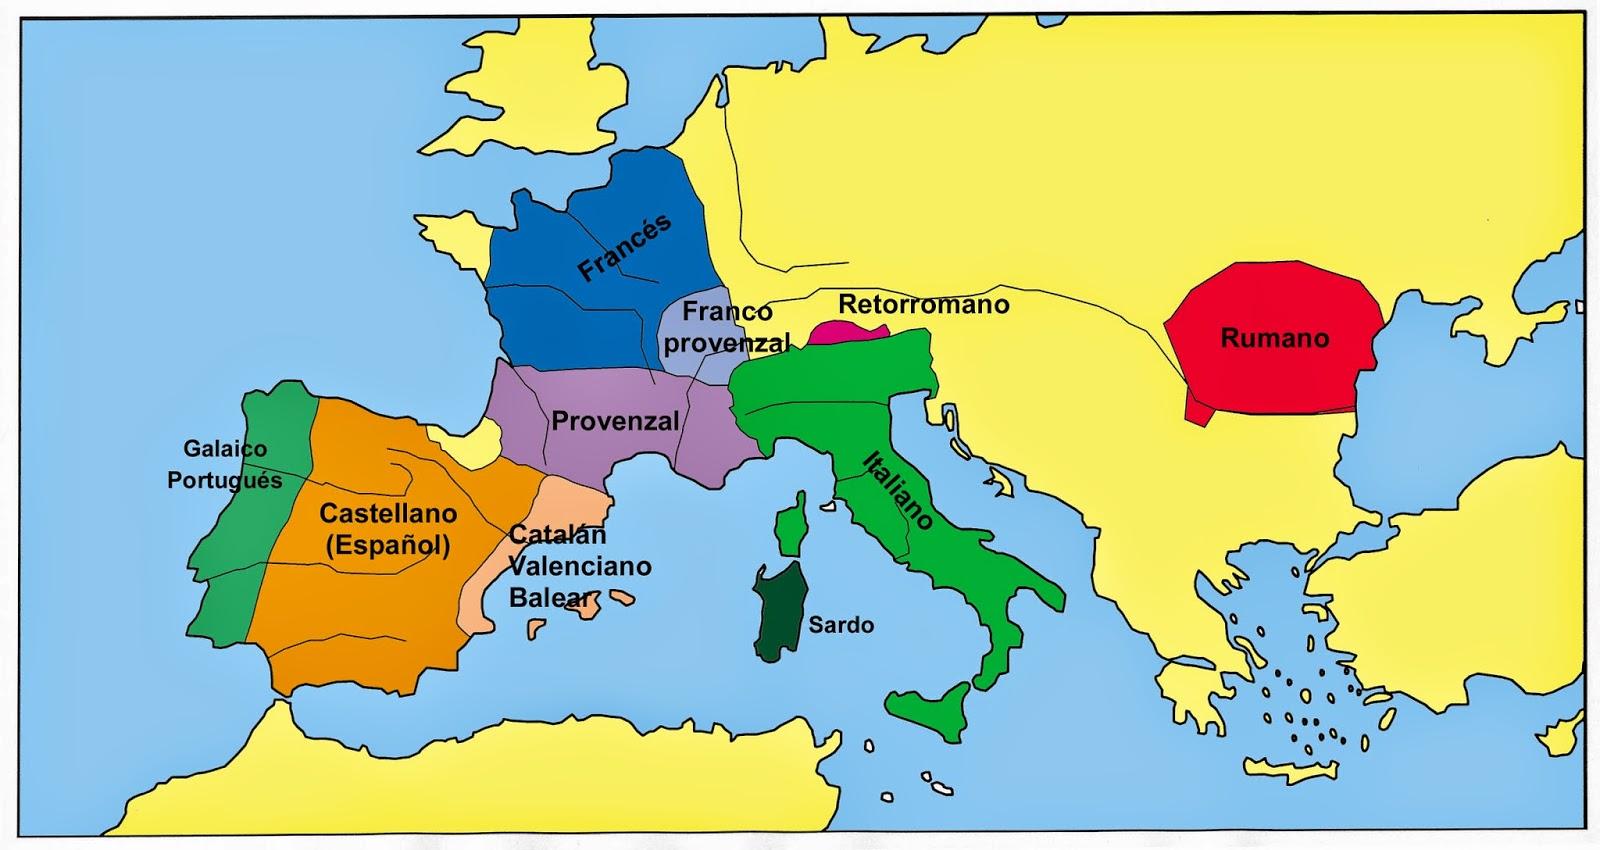 latinas en europa: